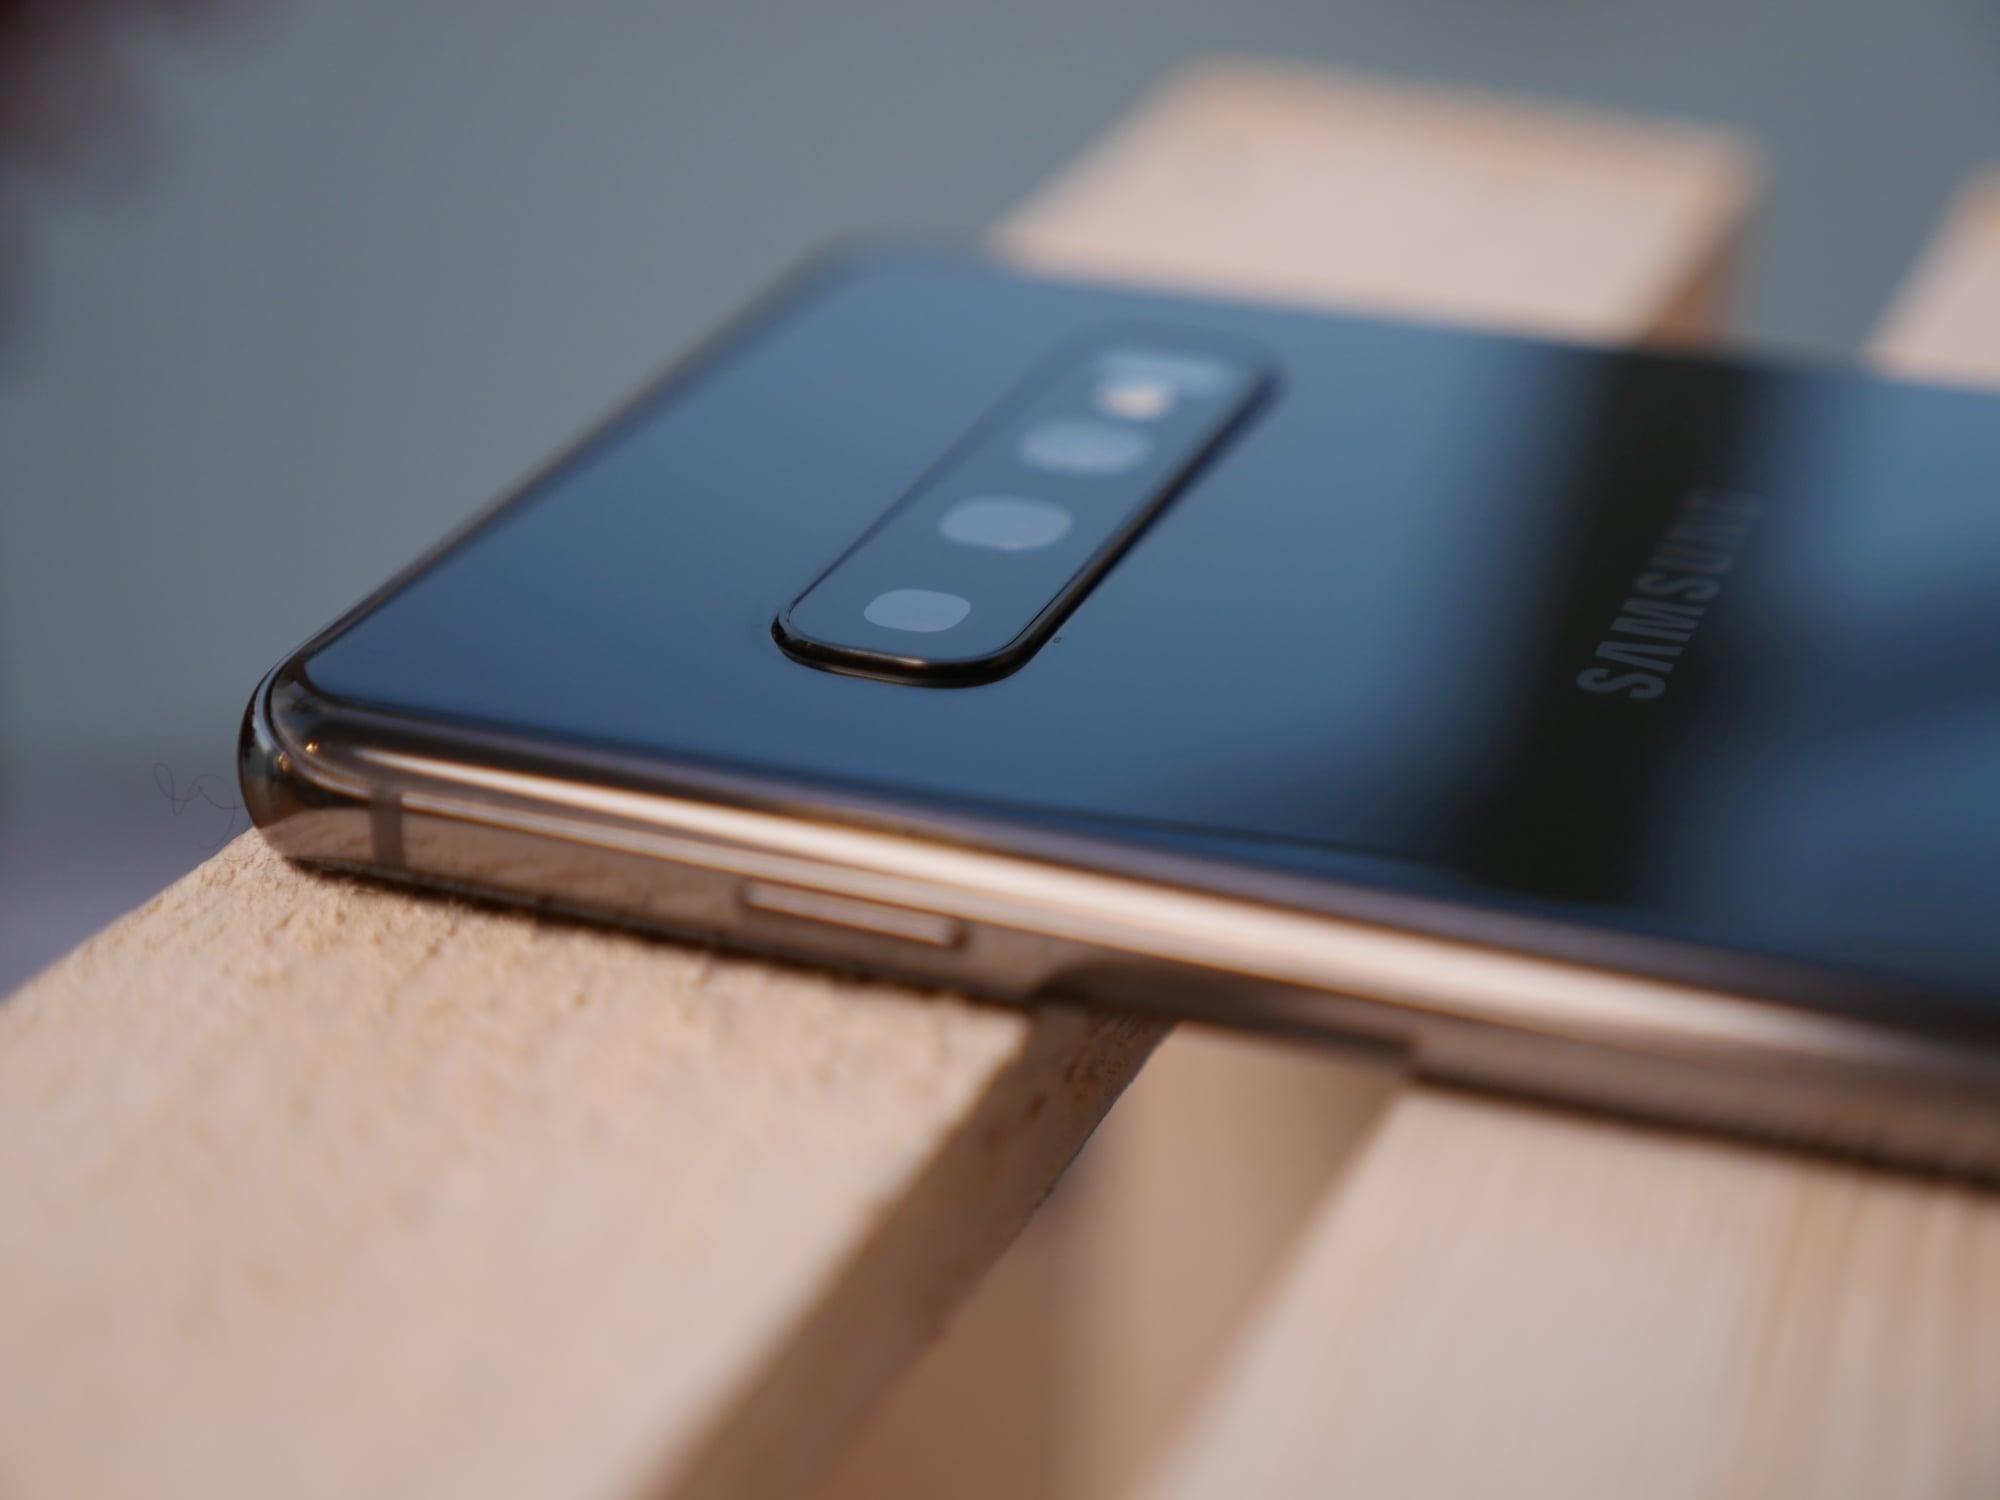 Samsung Galaxy S10 i S10+ z Exynosem 9820 vs iPhone XS Max vs Xiaomi Mi 9. Który smartfon zwyciężył w benchmarkach? 28